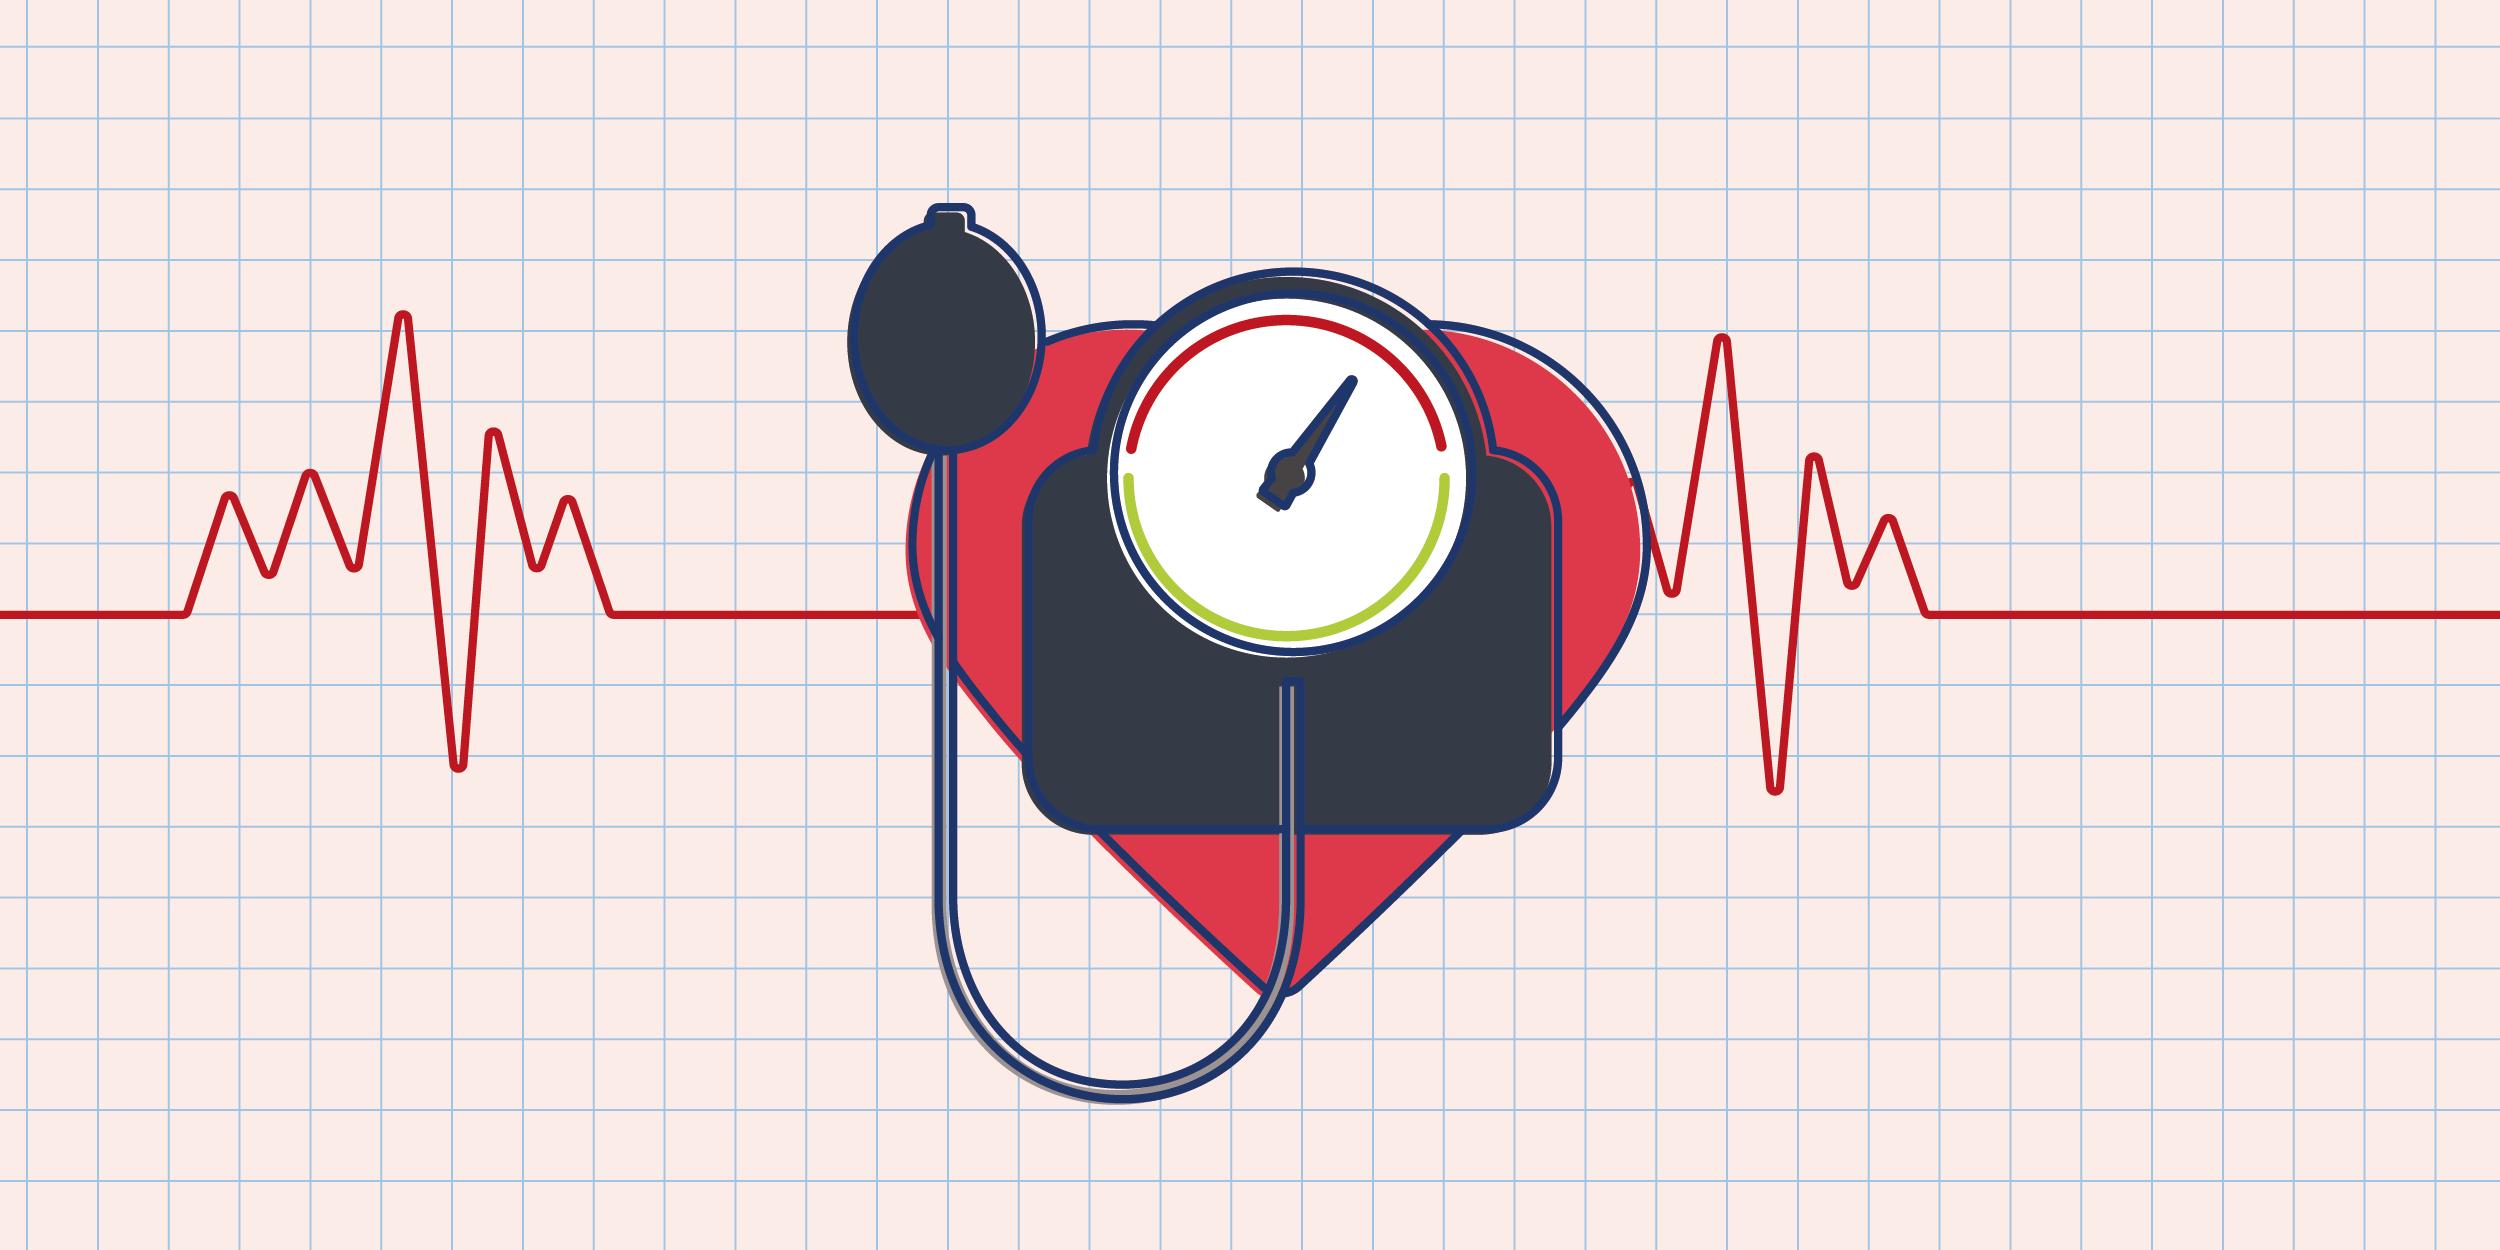 Lengvasis hipertenzija: kas tai yra, priežastis ir pasekmes patologijos